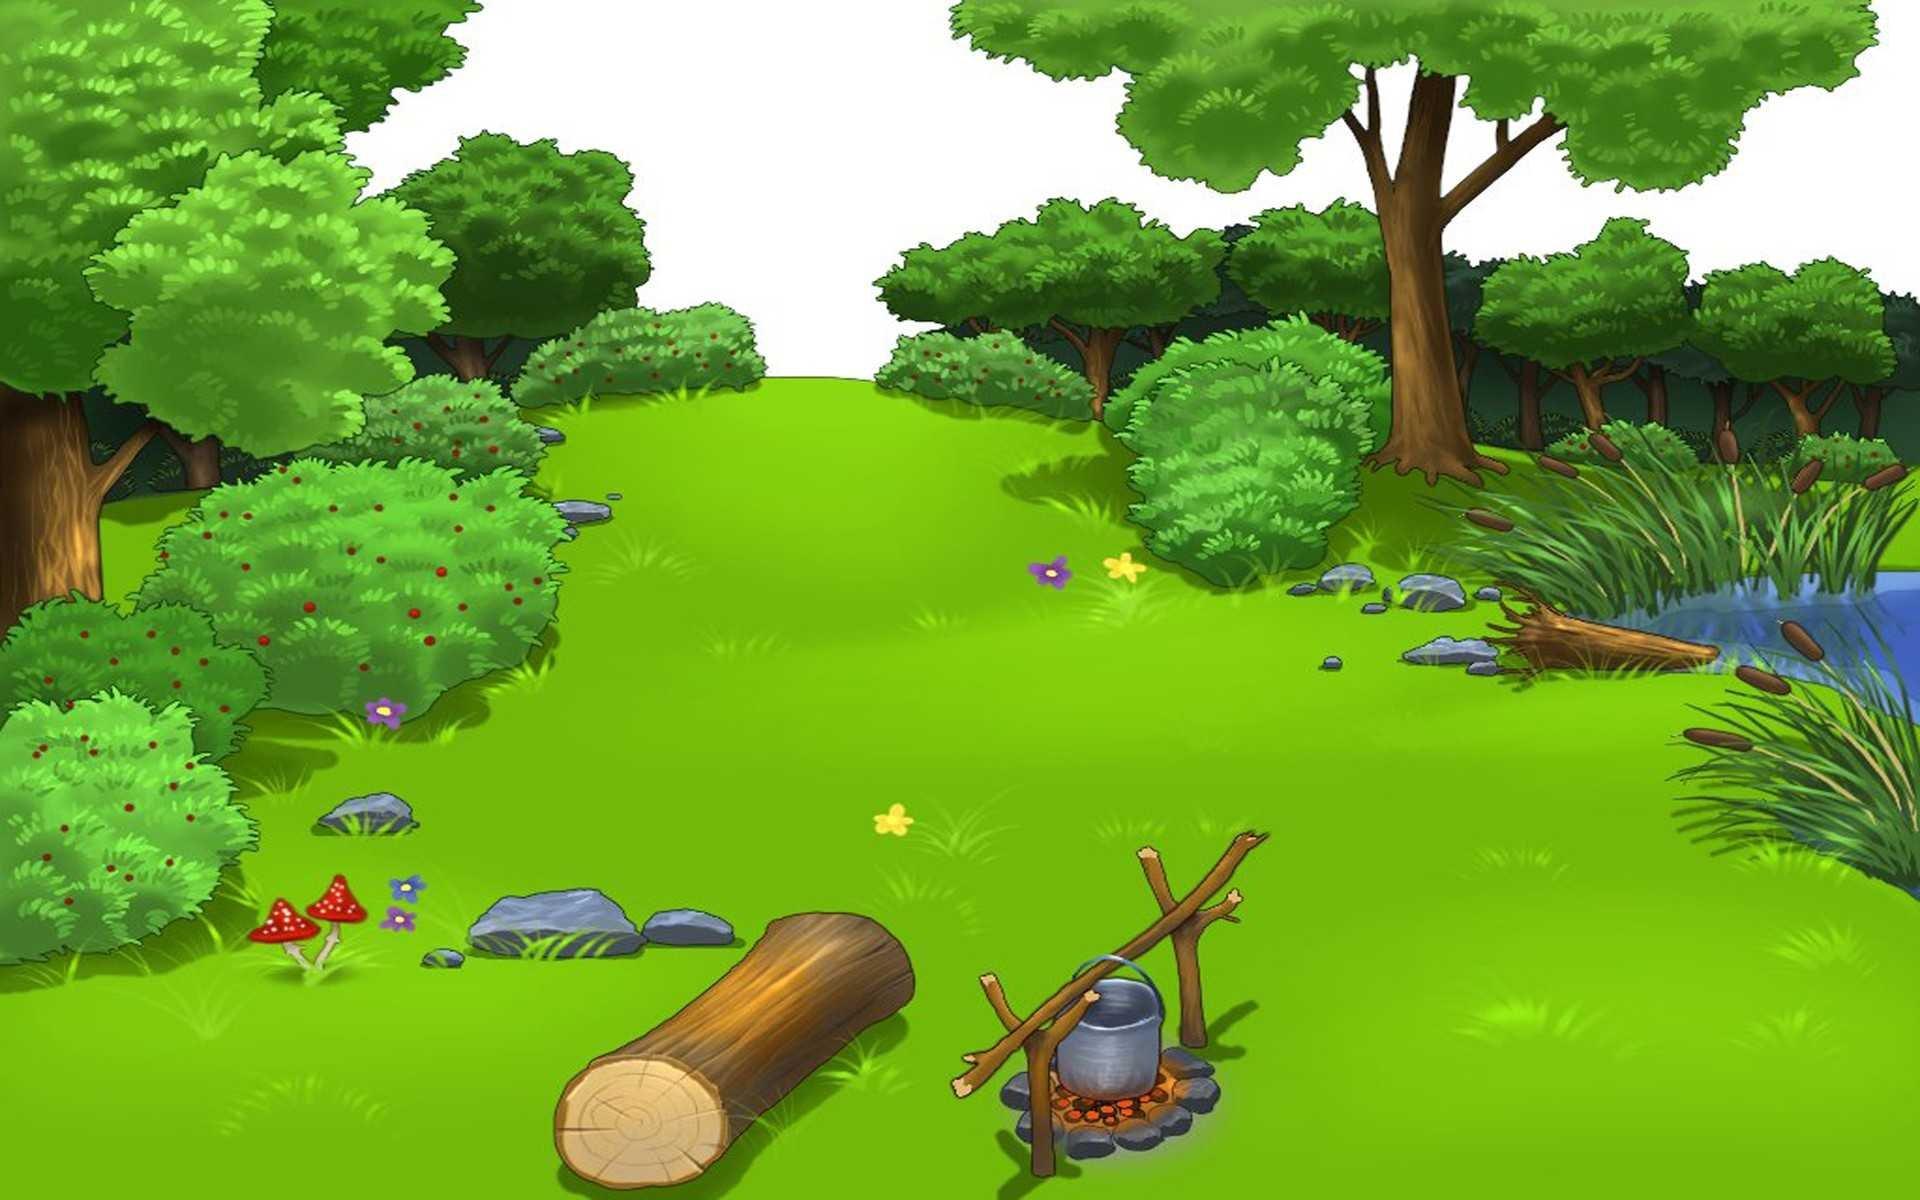 Картинка для детей полянка в лесу